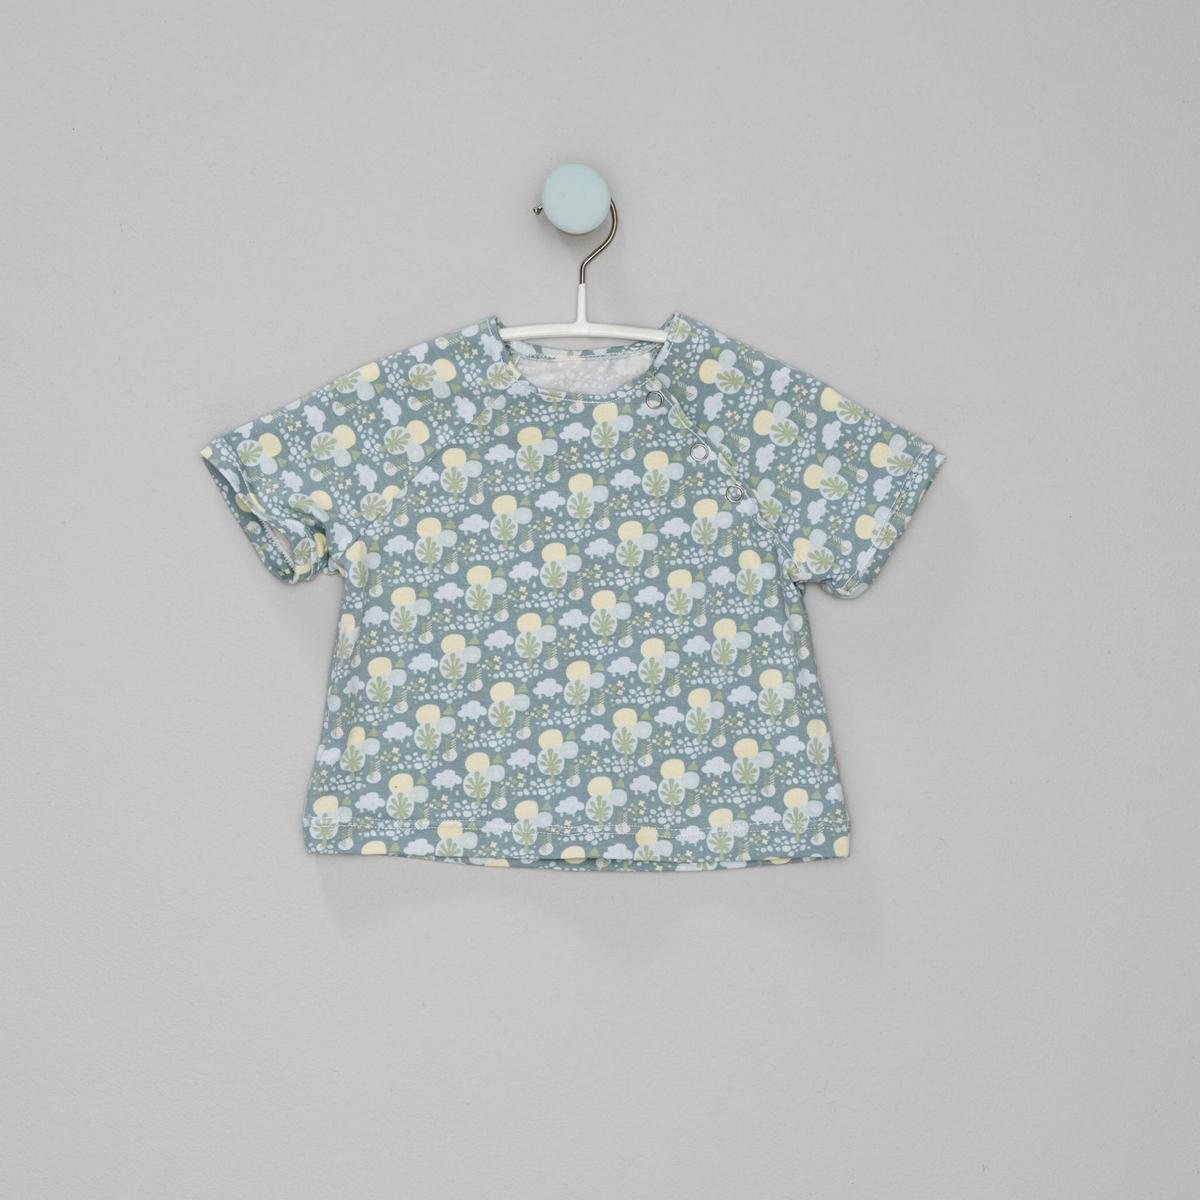 Burda T-shirt för baby